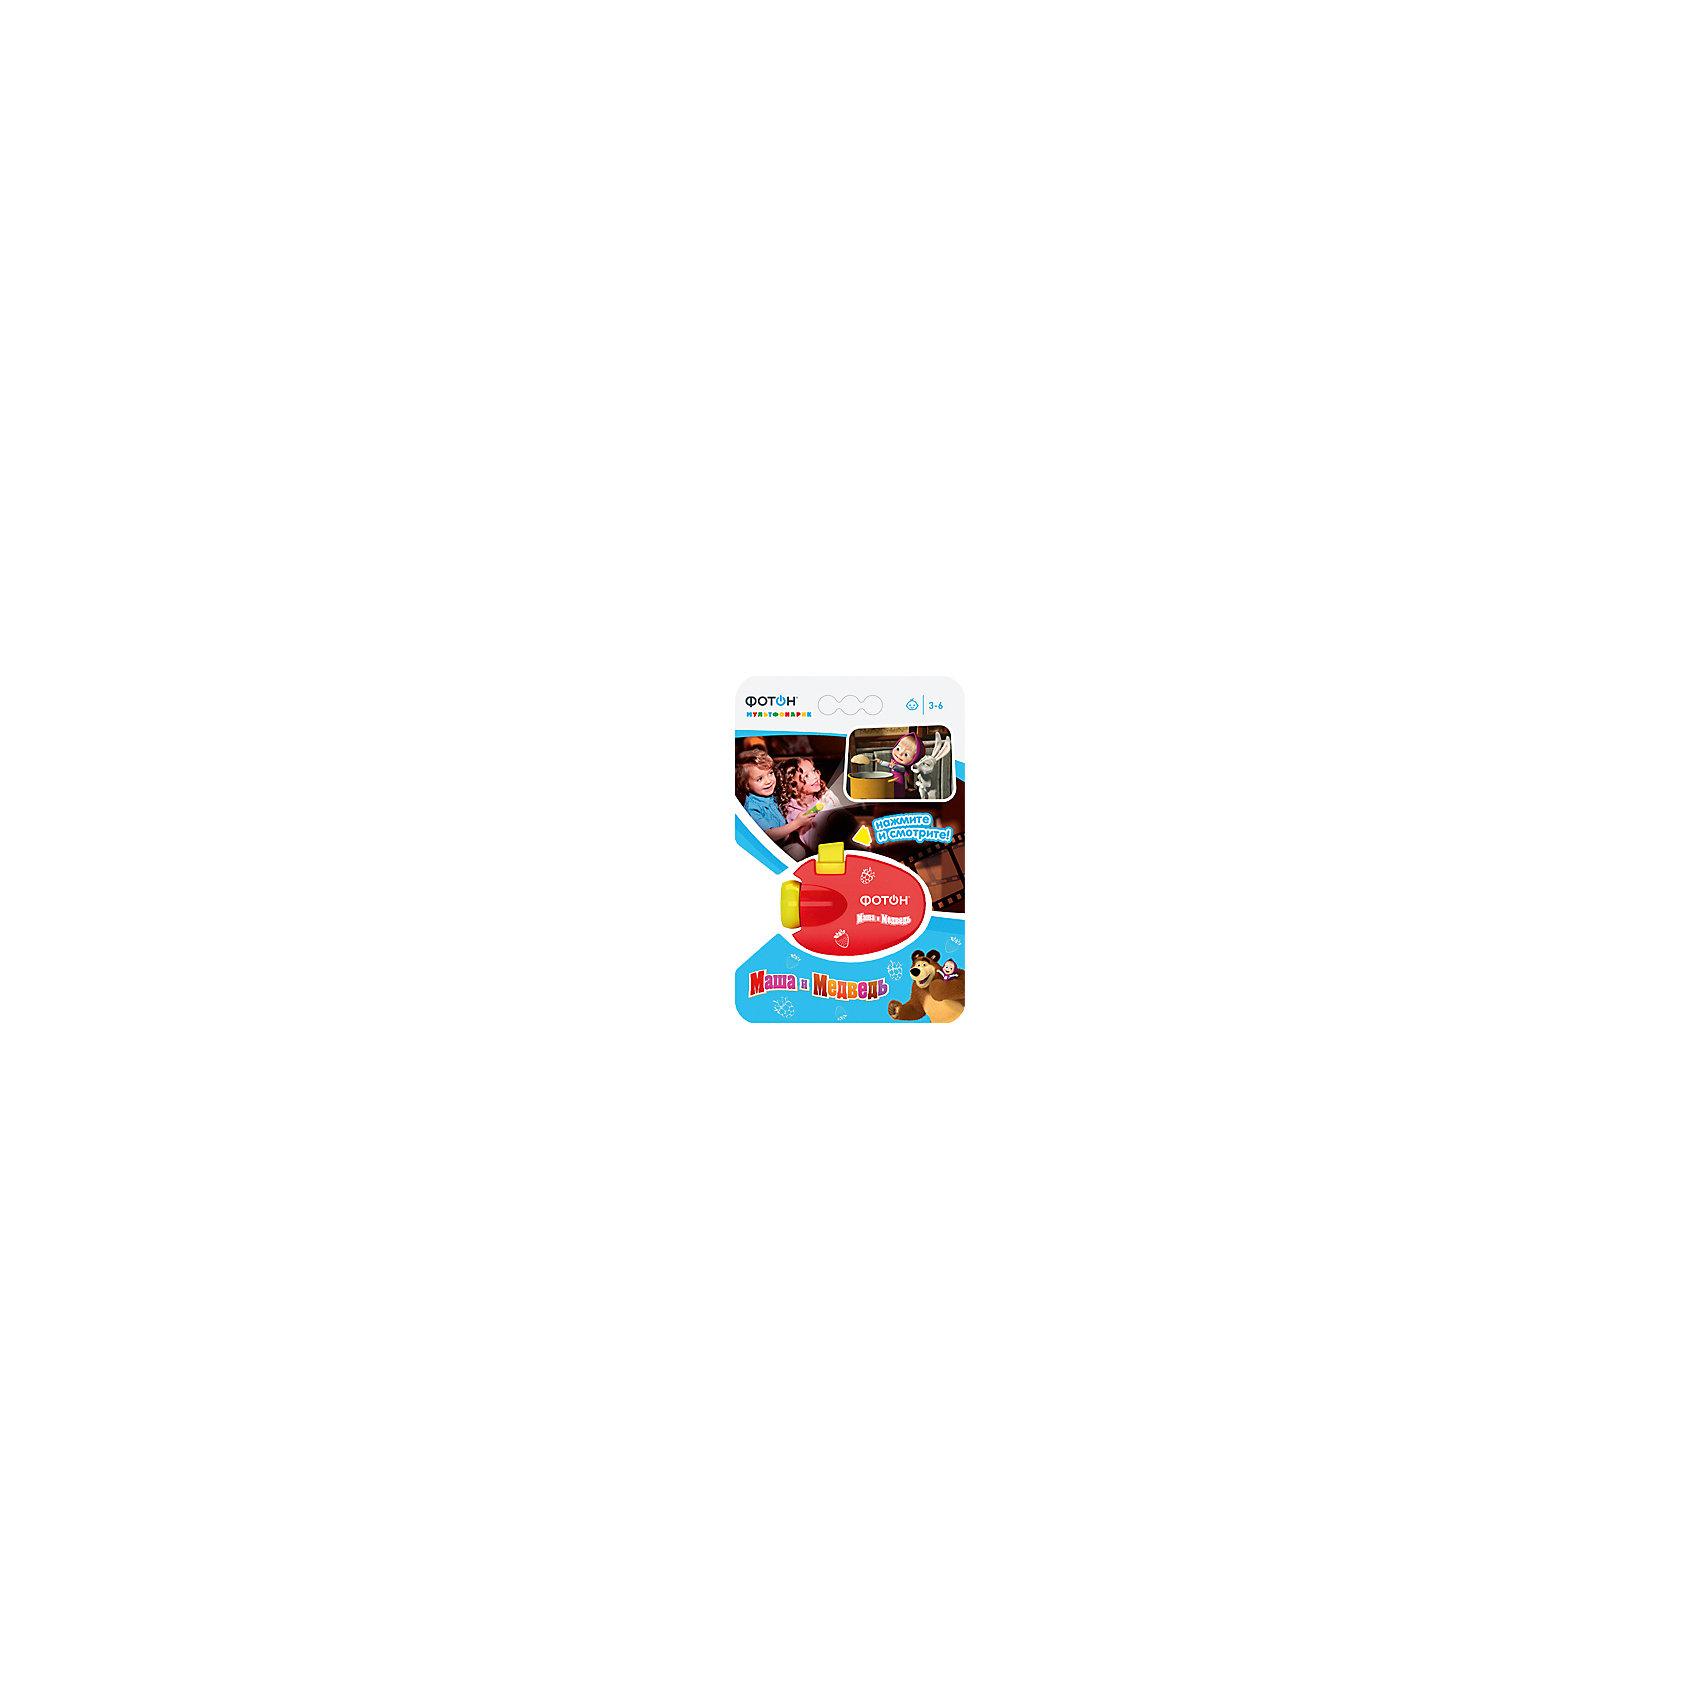 - Мультфонарик-проектор Маша и Медведь, красный, Фотон фотон мультфонарик проектор смешарики крош